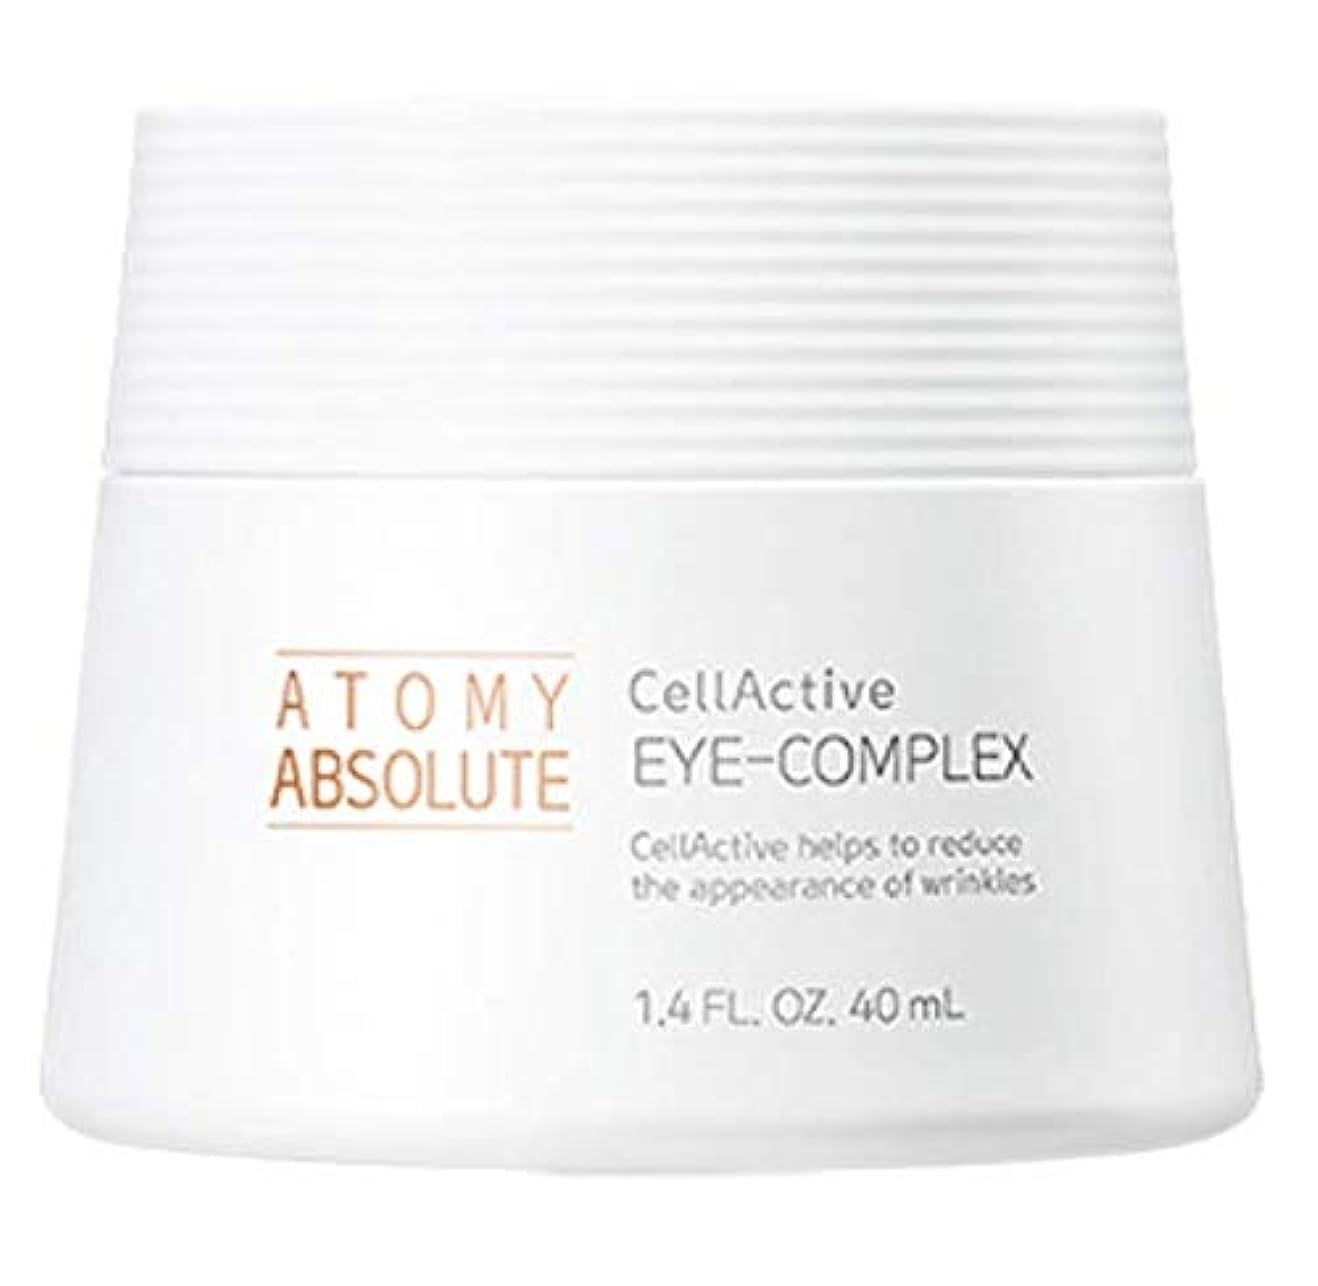 発表カラス業界アトミエイソルート セレクティブ アイクリームAtomy Celective Absolute Eye-Complex 40ml [並行輸入品]